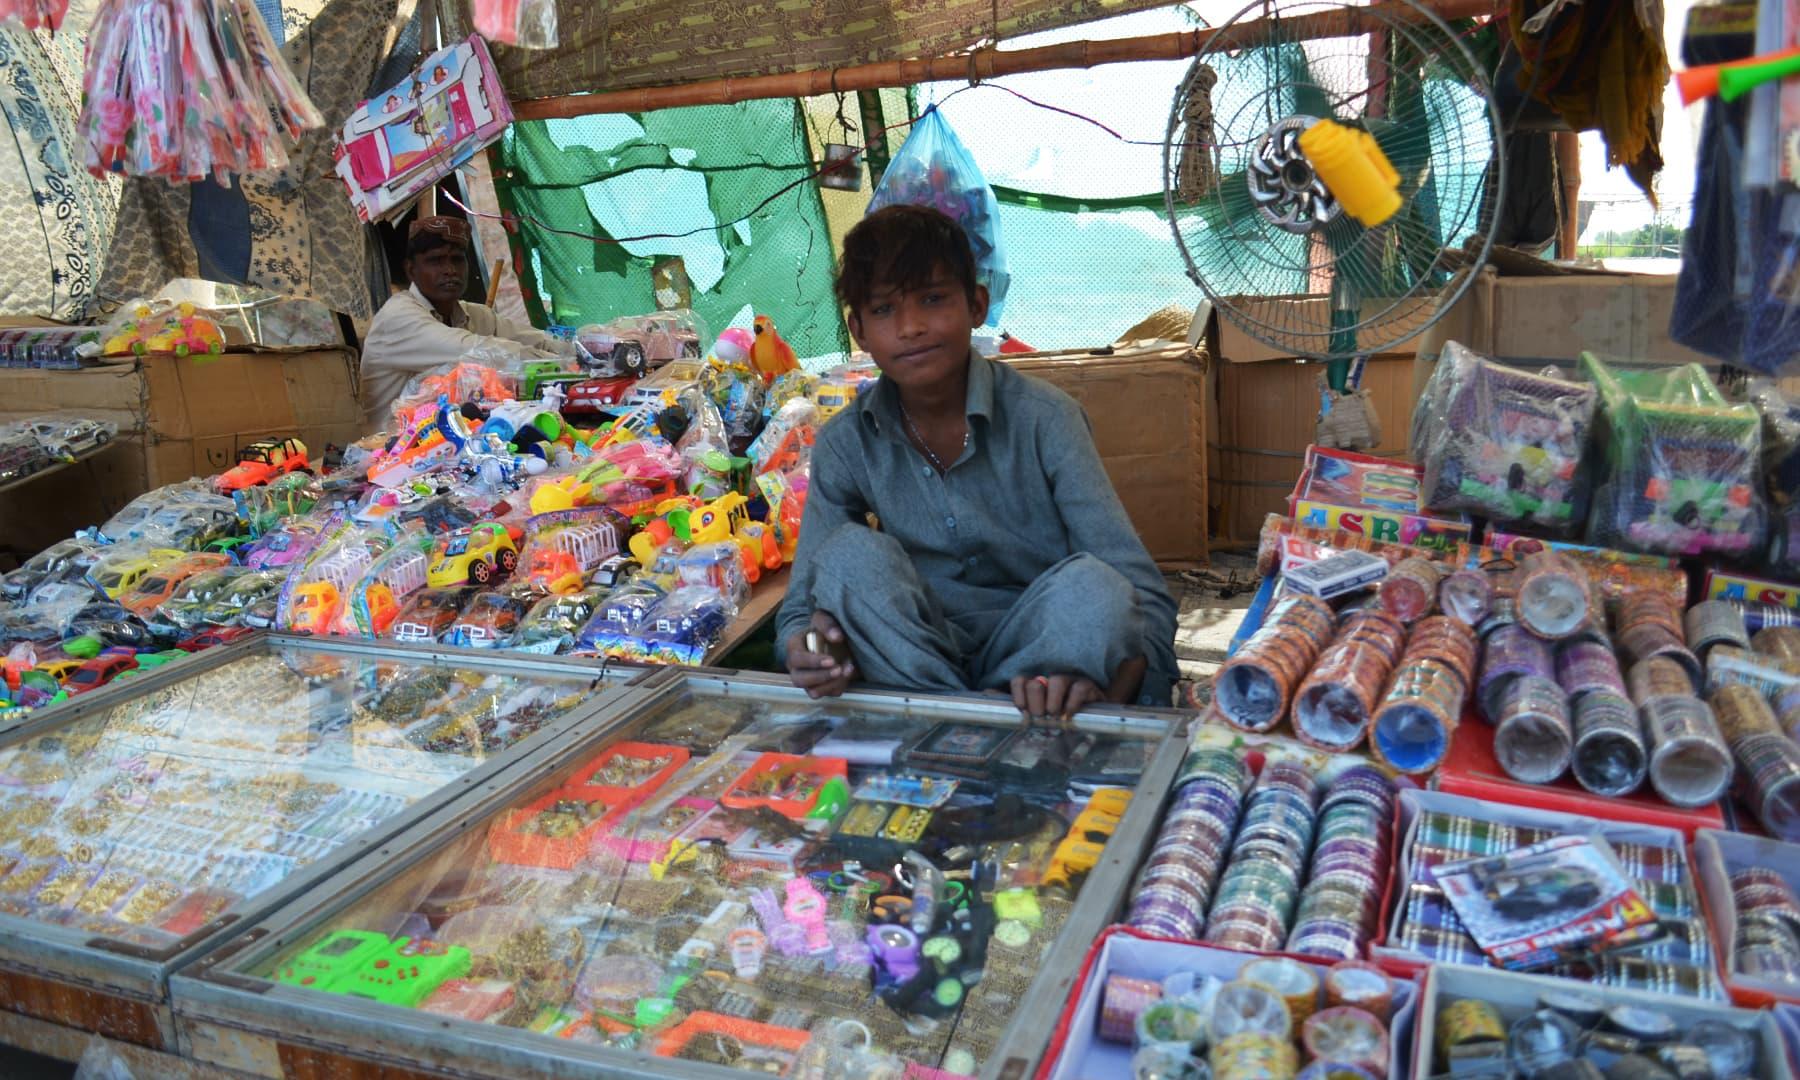 میلے میں کھلونے اور خواتین کے بناؤ سنگار کا سامان دستیاب ہے—تصویر ابوبکر شیخ